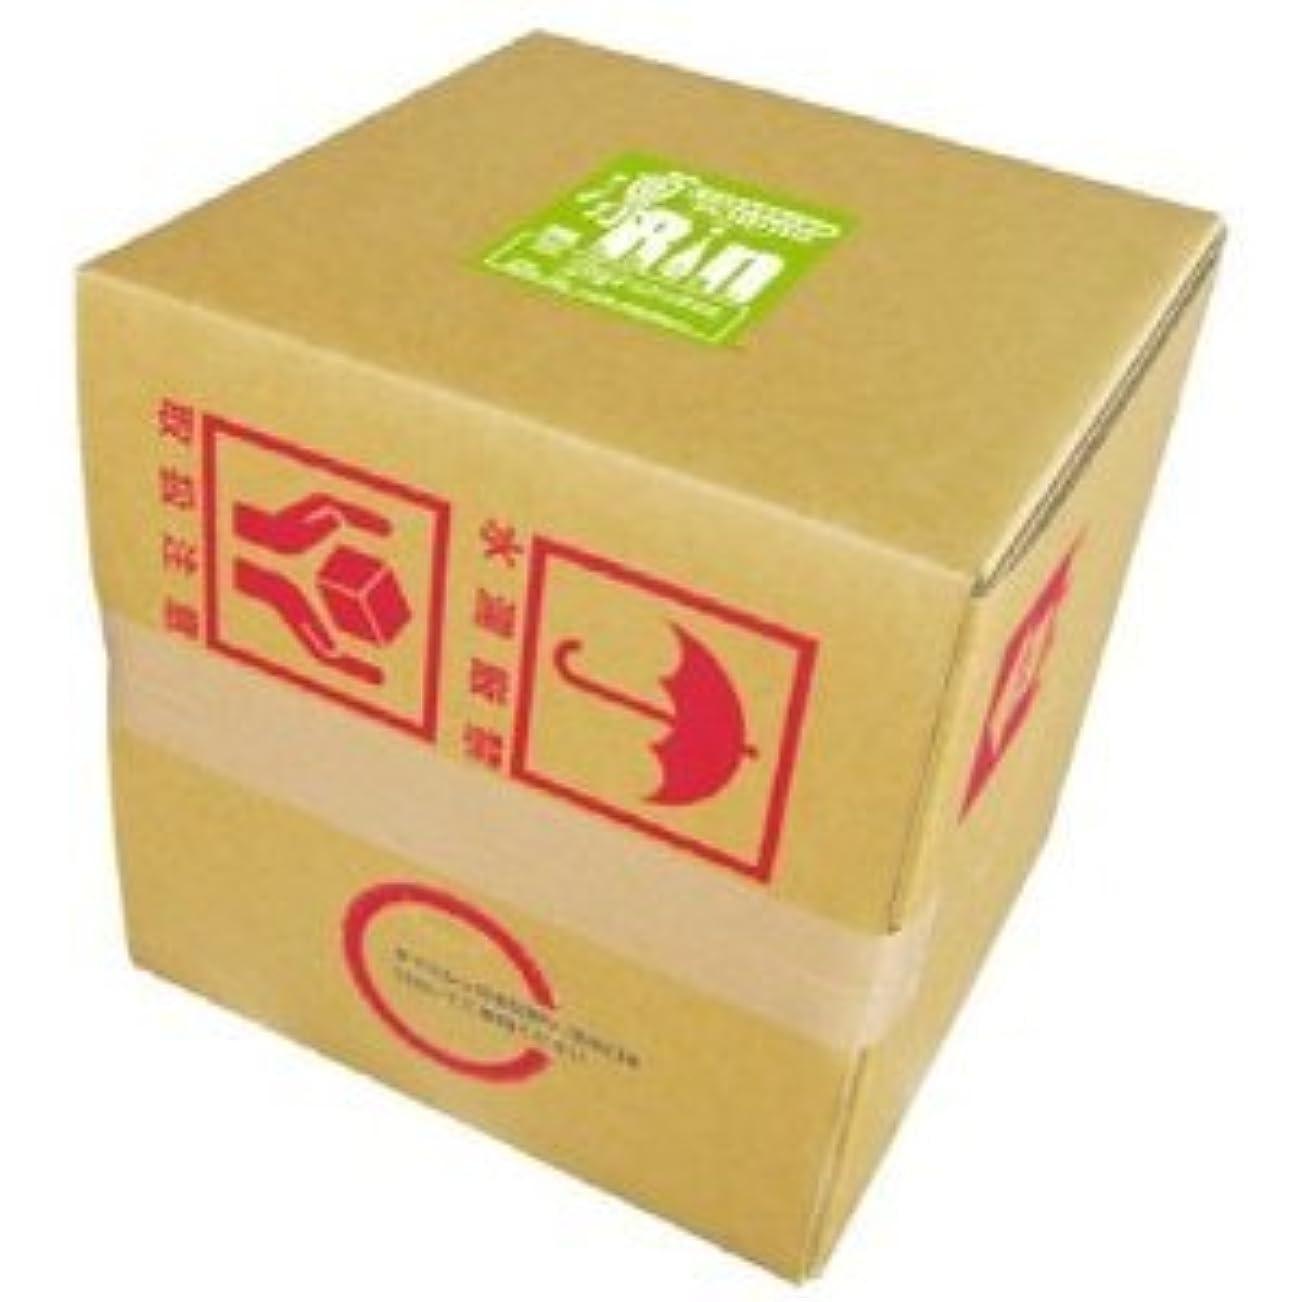 放出闇ペレグリネーションくさの葉化粧品 ボディソープ 凛 20リットル 箱